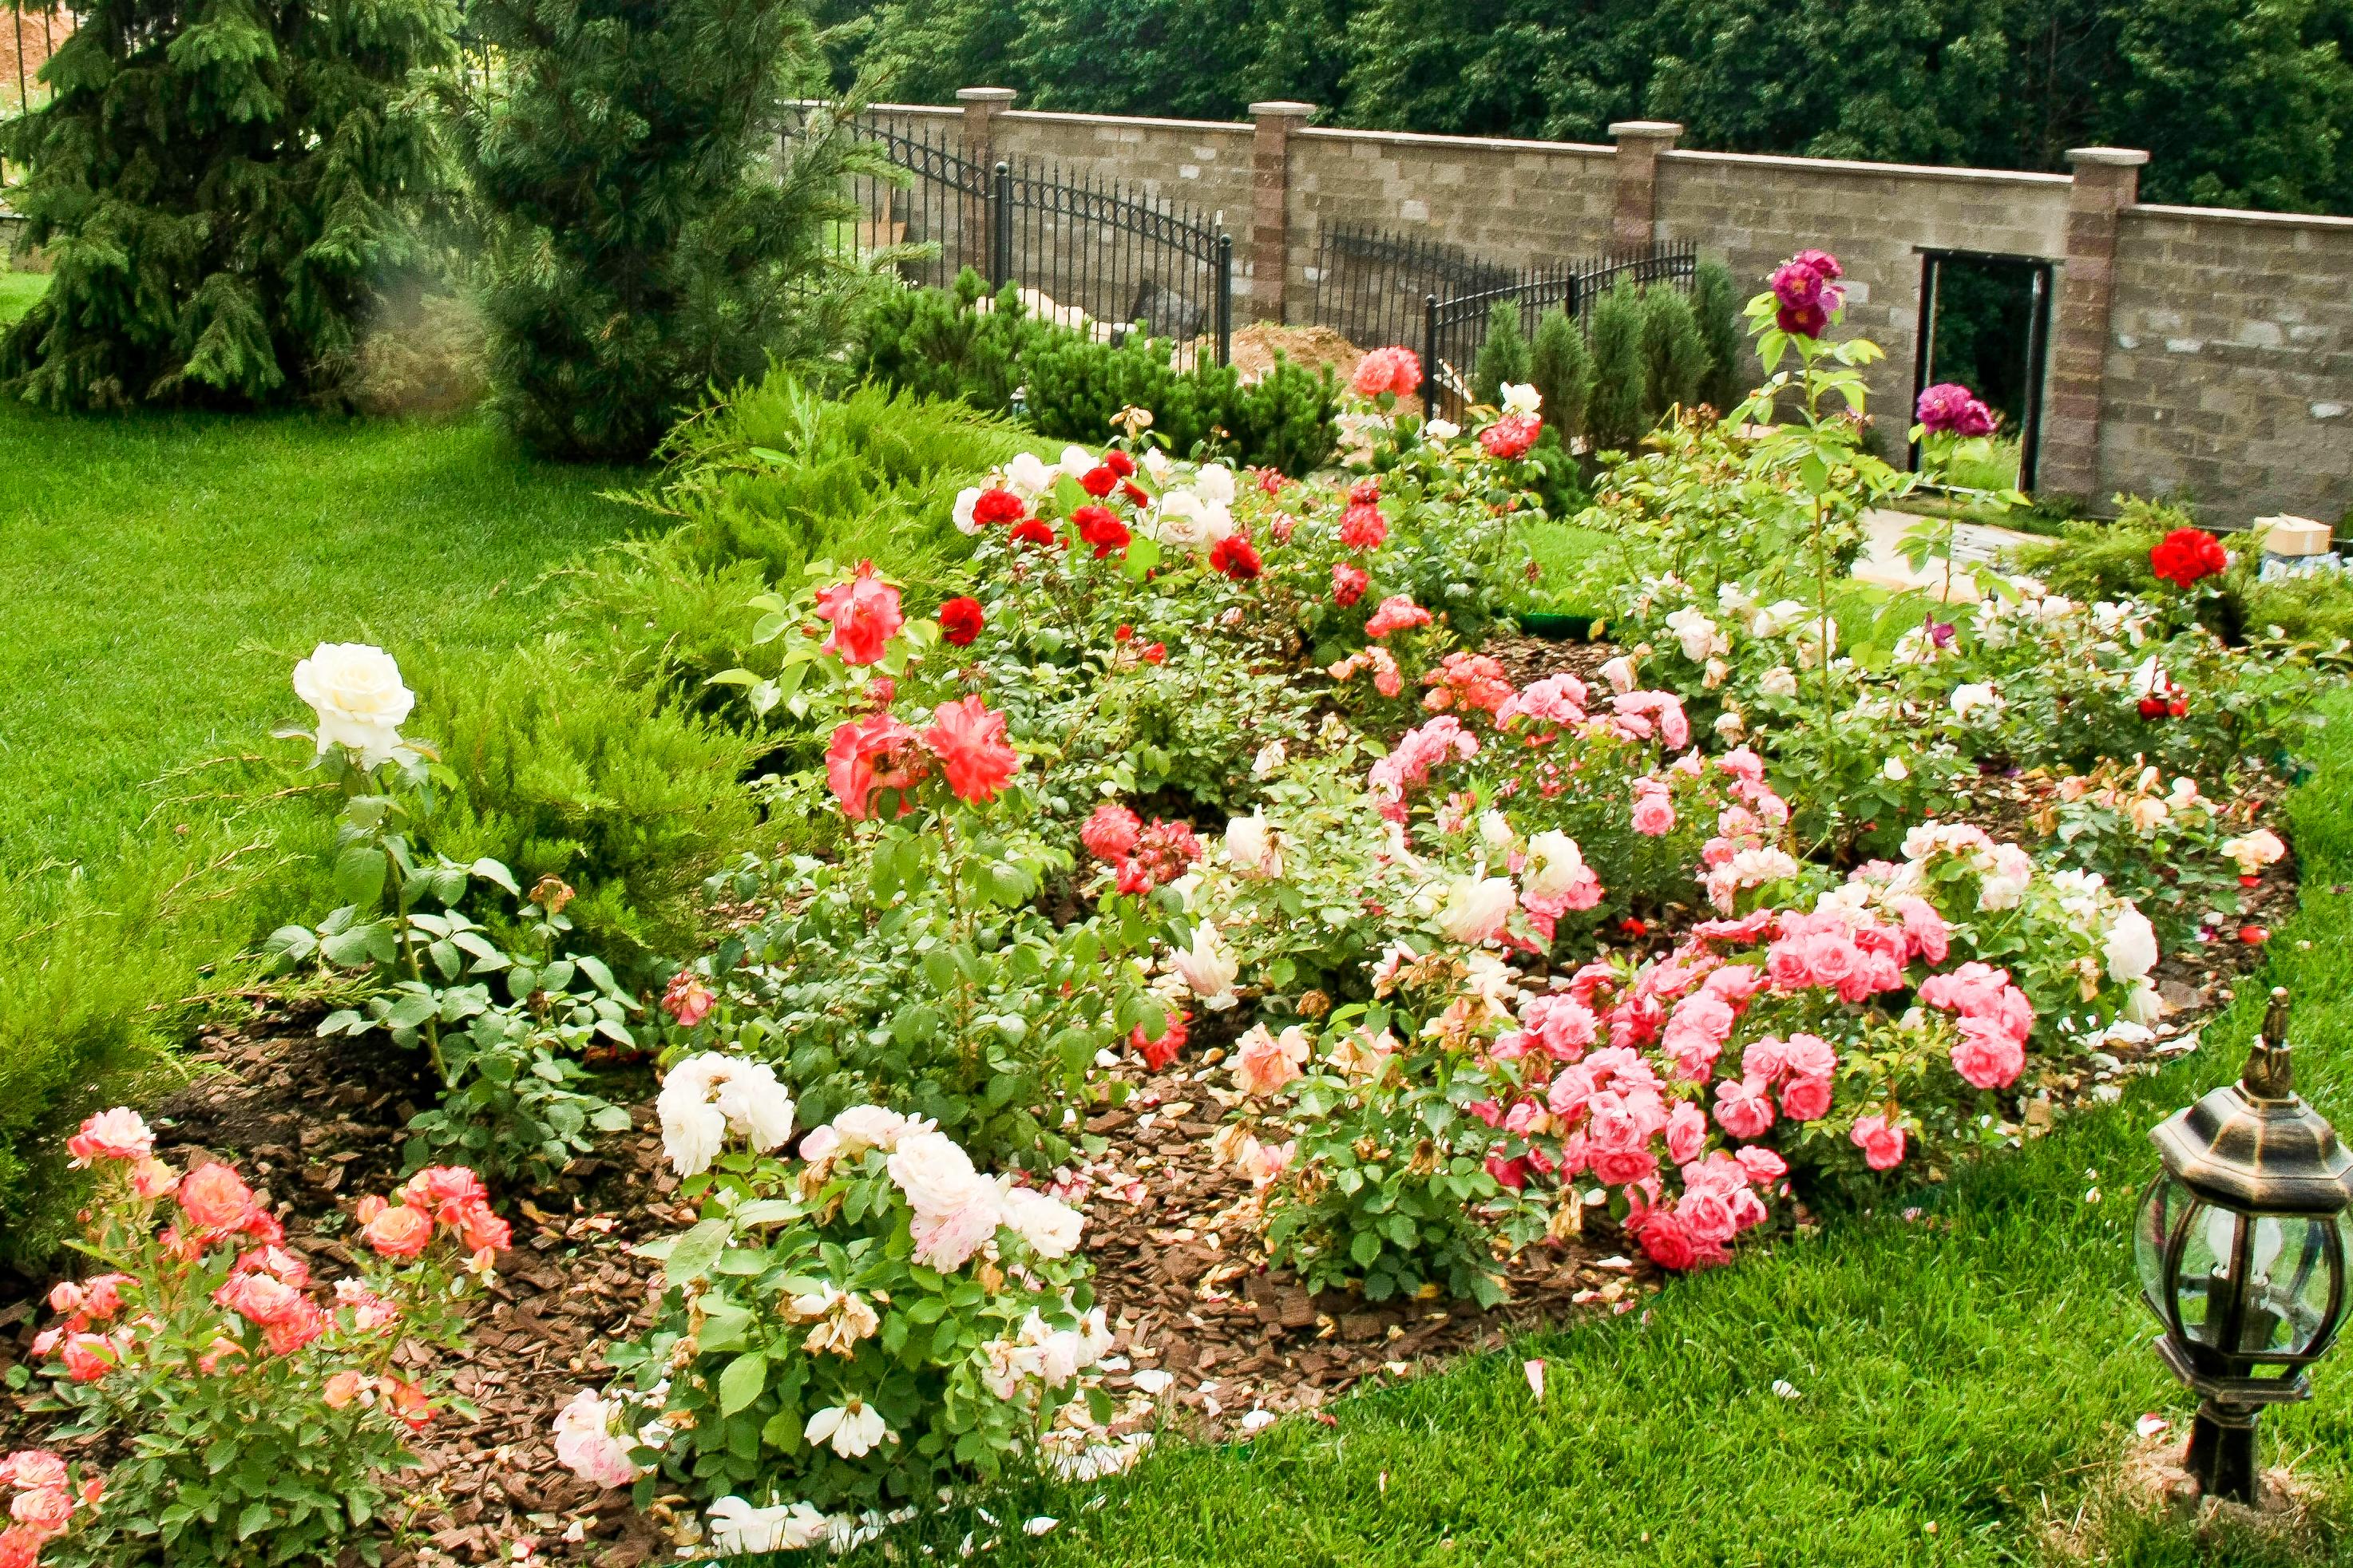 Установите на границе цветника ограничители, чтобы при поливе не повредить растения шлангом